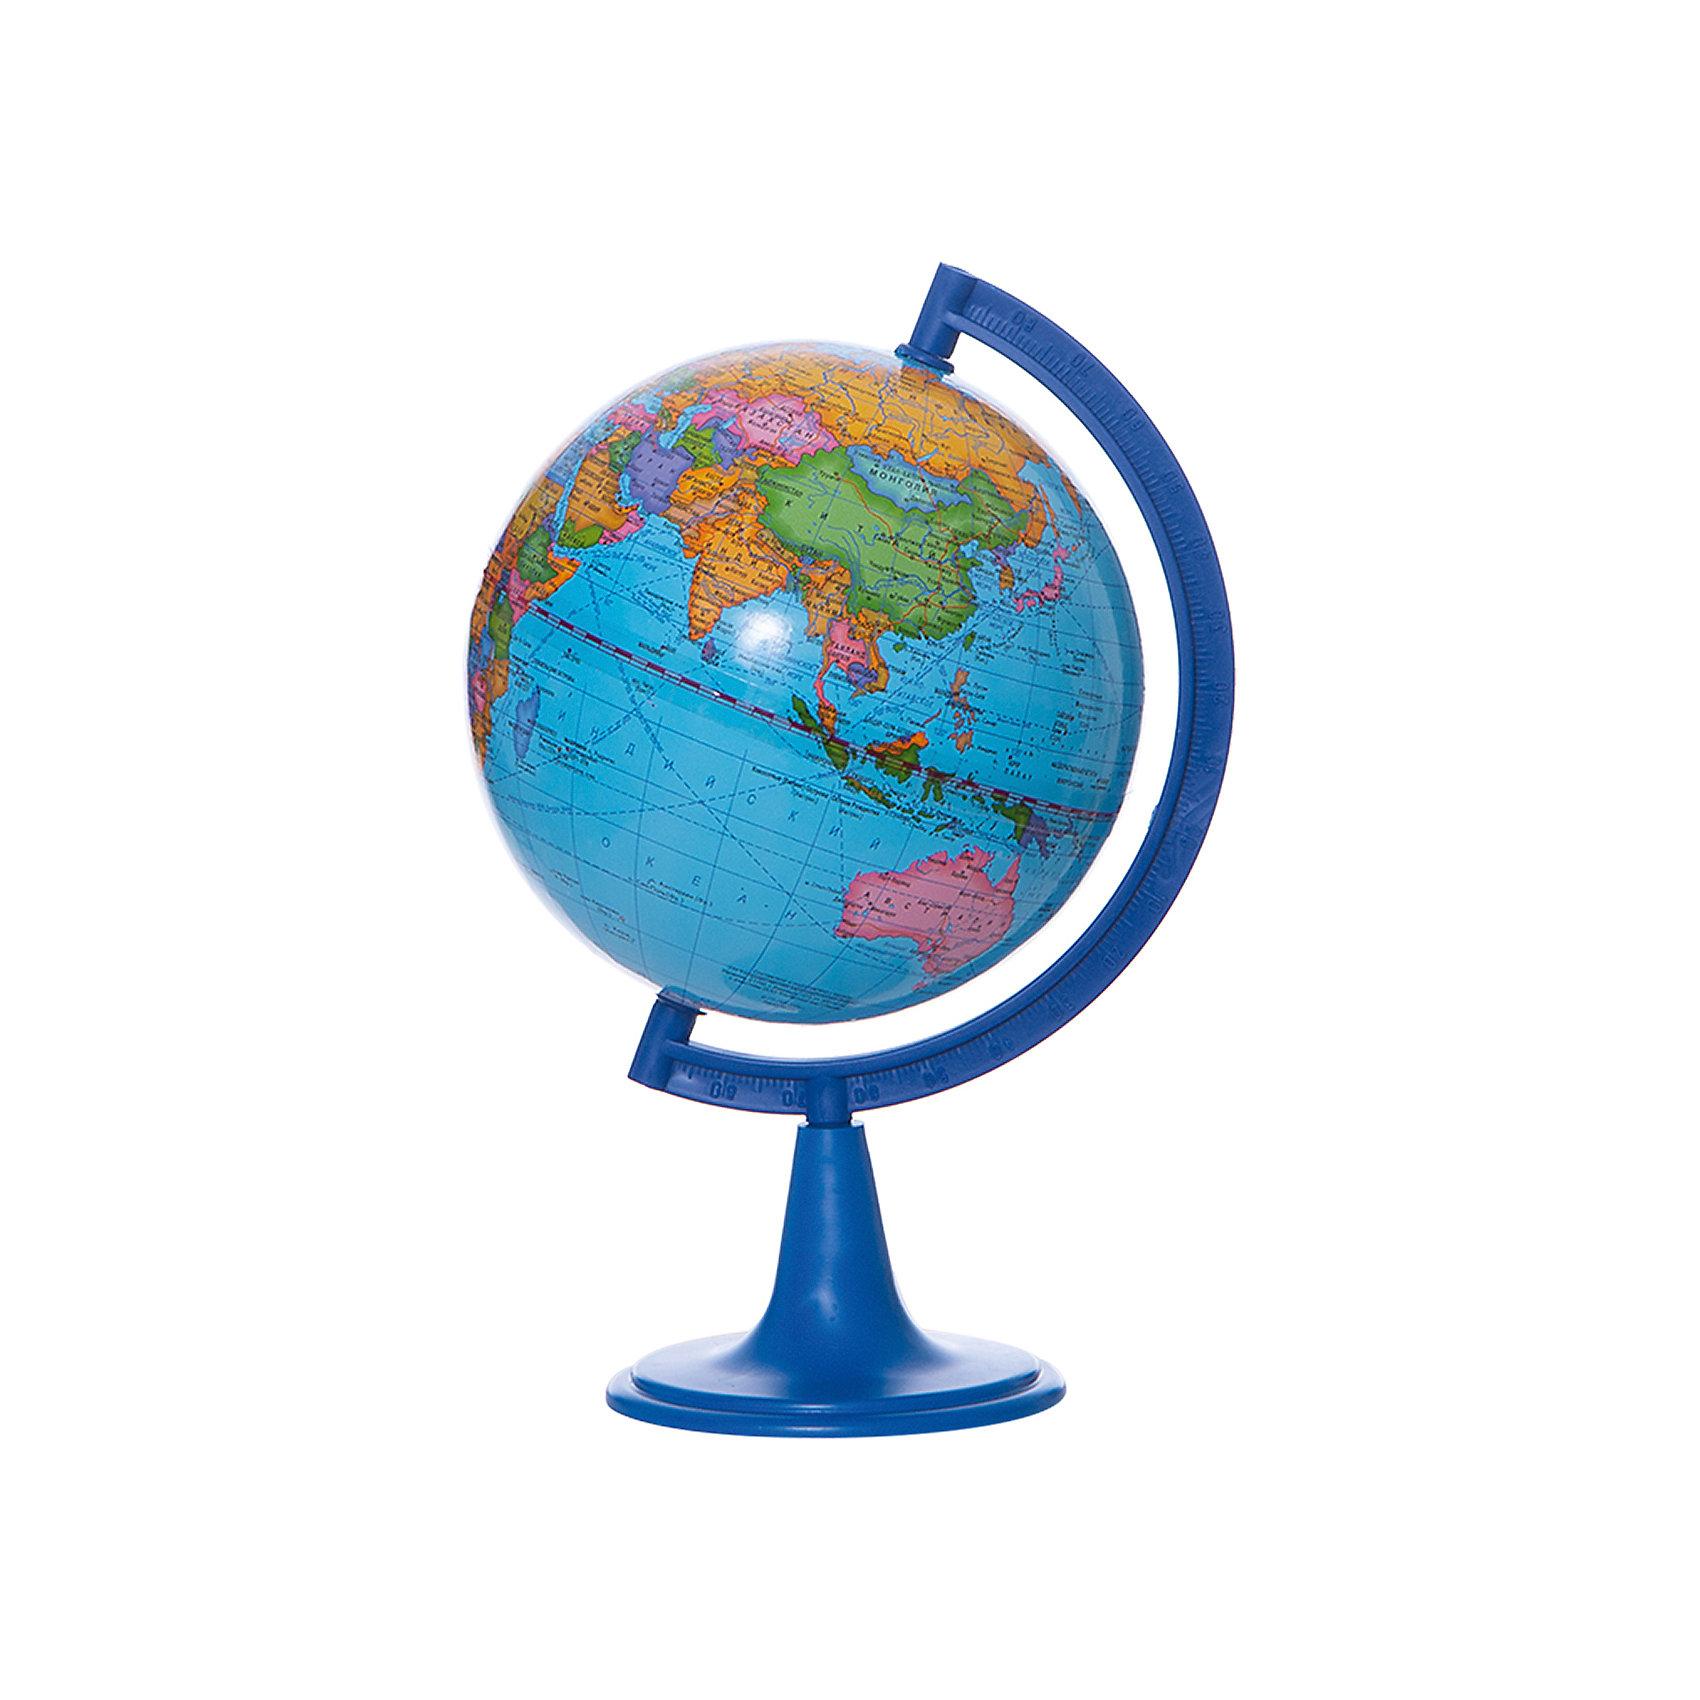 Глобус Земли политический, диаметр 150 ммГлобусы<br>Диаметр: 150 мм<br><br>Масштаб: 1:84000000<br><br>Материал подставки: Пластик<br><br>Цвет подставки: Черный<br><br>Ширина мм: 160<br>Глубина мм: 160<br>Высота мм: 250<br>Вес г: 450<br>Возраст от месяцев: 72<br>Возраст до месяцев: 2147483647<br>Пол: Унисекс<br>Возраст: Детский<br>SKU: 5518221